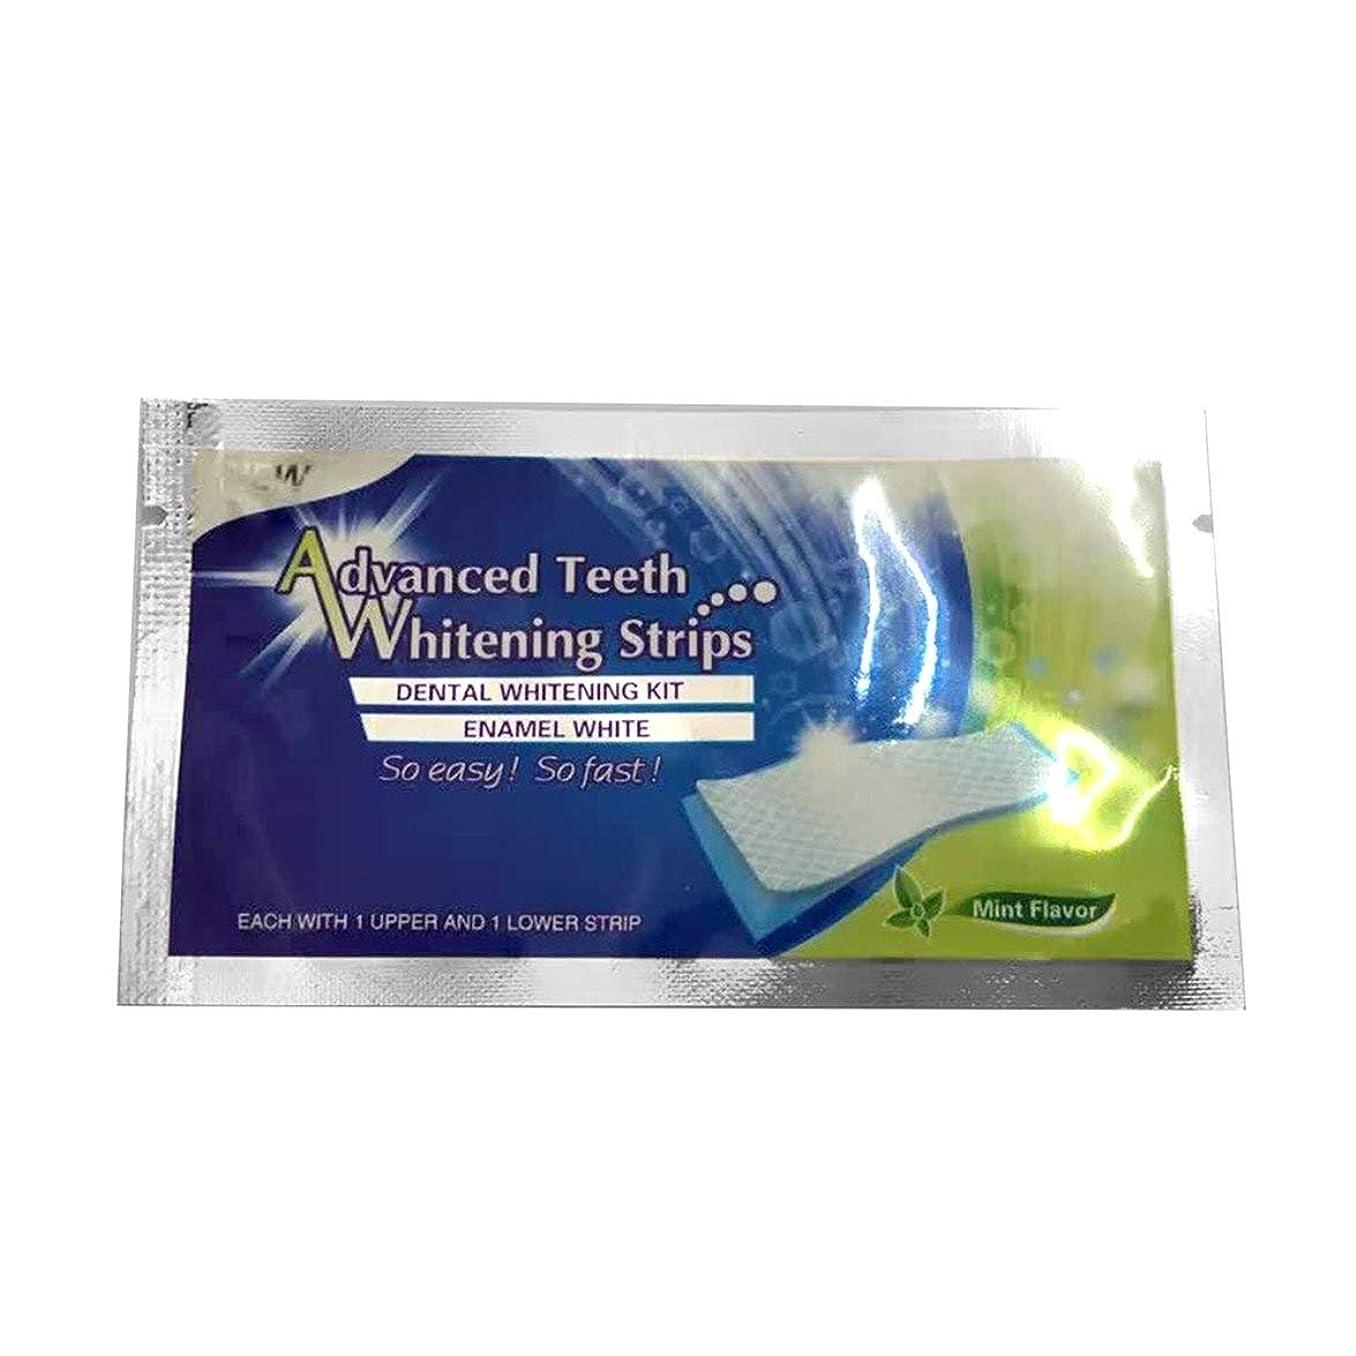 逃れる変換する腐敗テープホワイトニングストリップホワイトテープ歯ホワイトニングプロフェッショナルホワイトニングアドバンストブリーチテープ - ホワイト